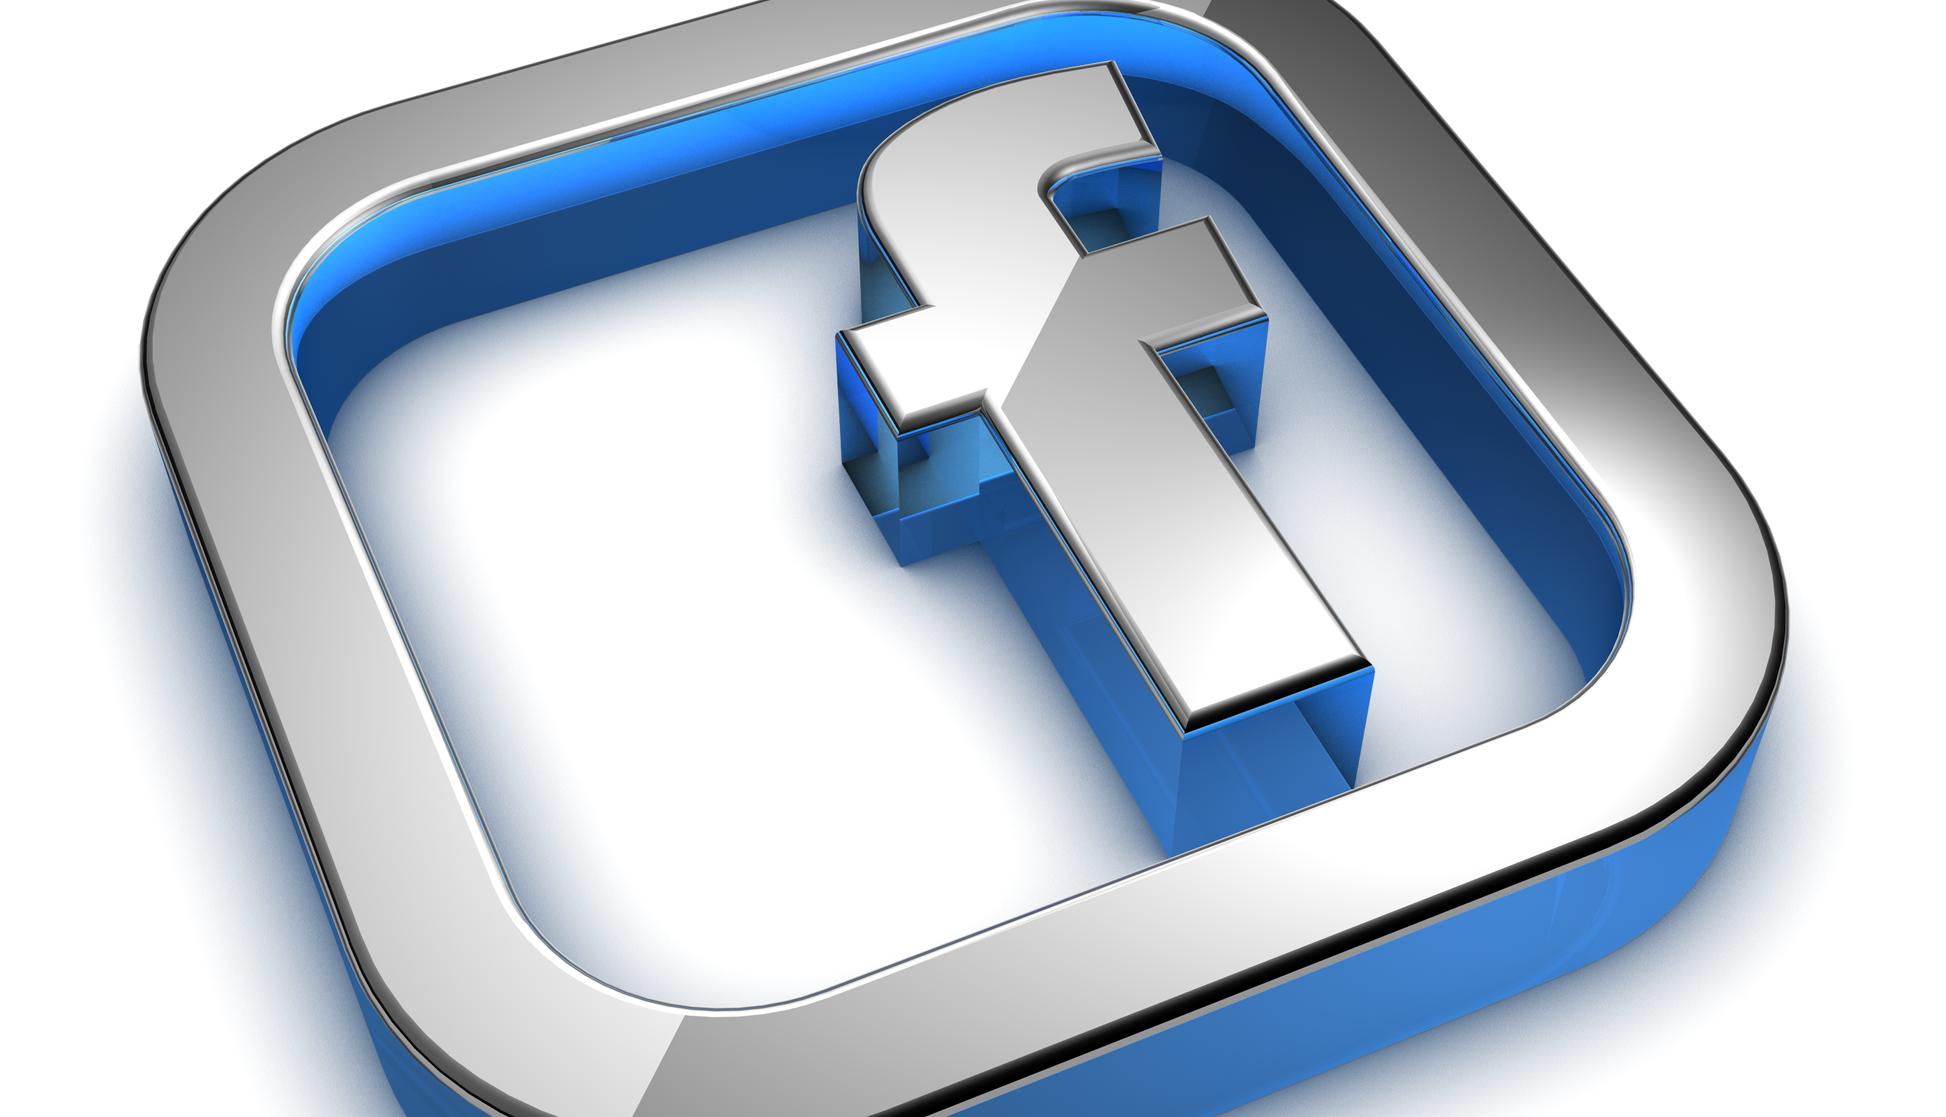 Free 3D Facebook logo Logo facebook, 10 logo, Logos